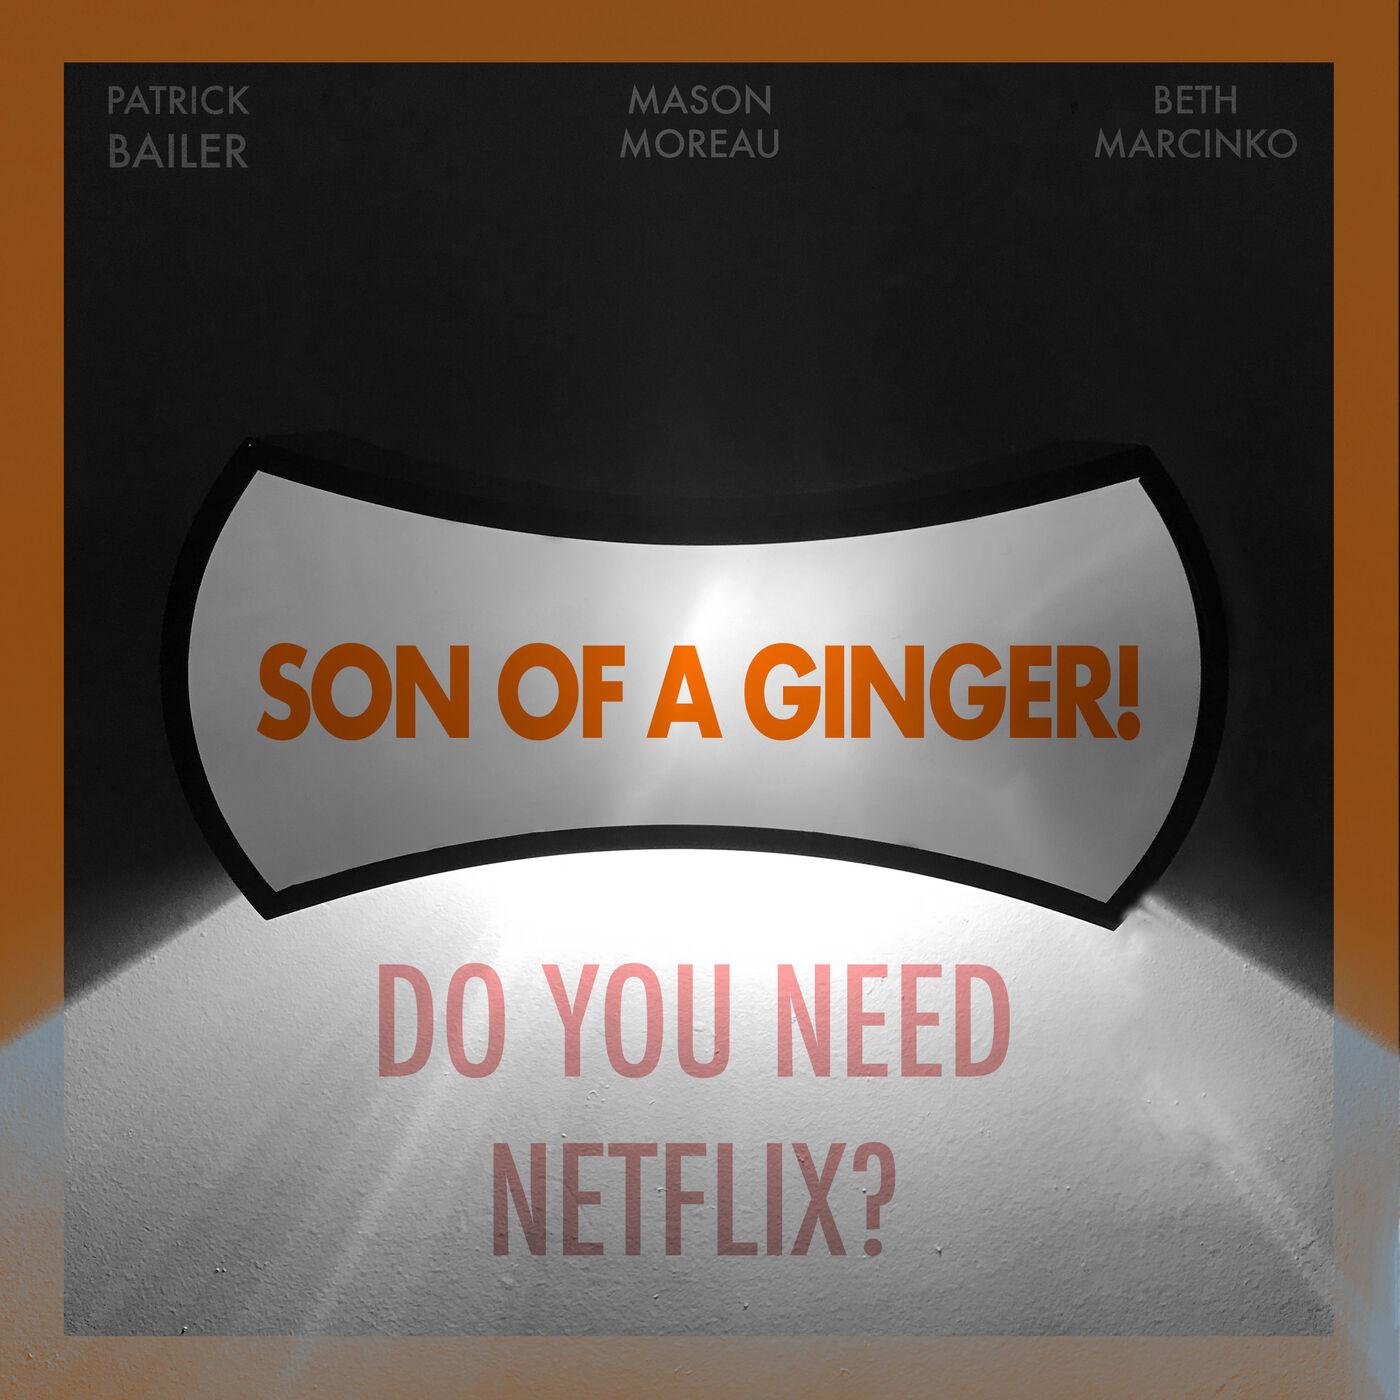 Streaming Showdown Episode 2: Do you NEED Netflix?